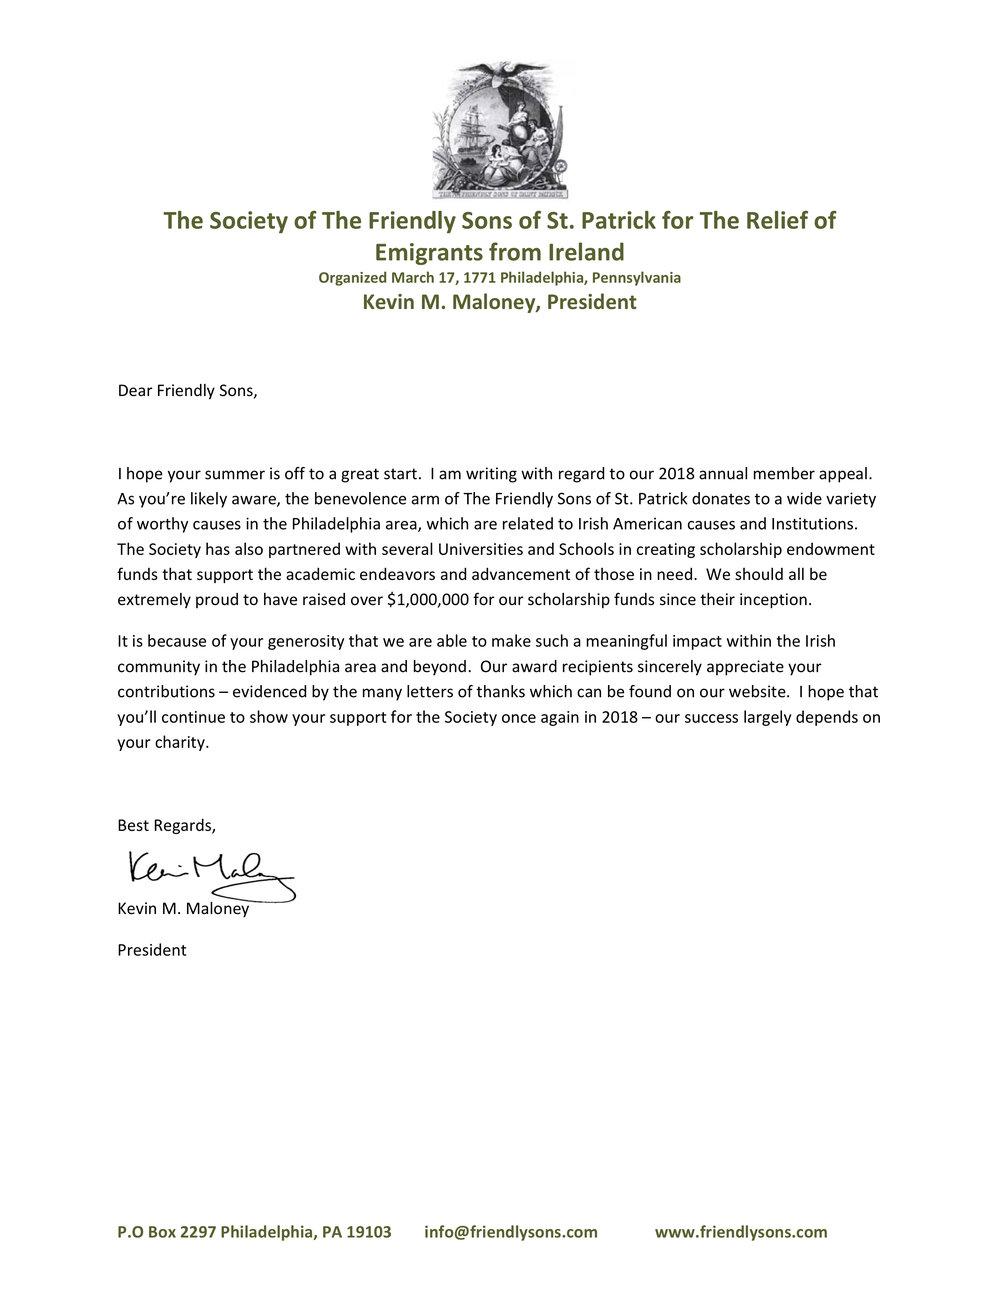 Annual Appeal Letter.jpg